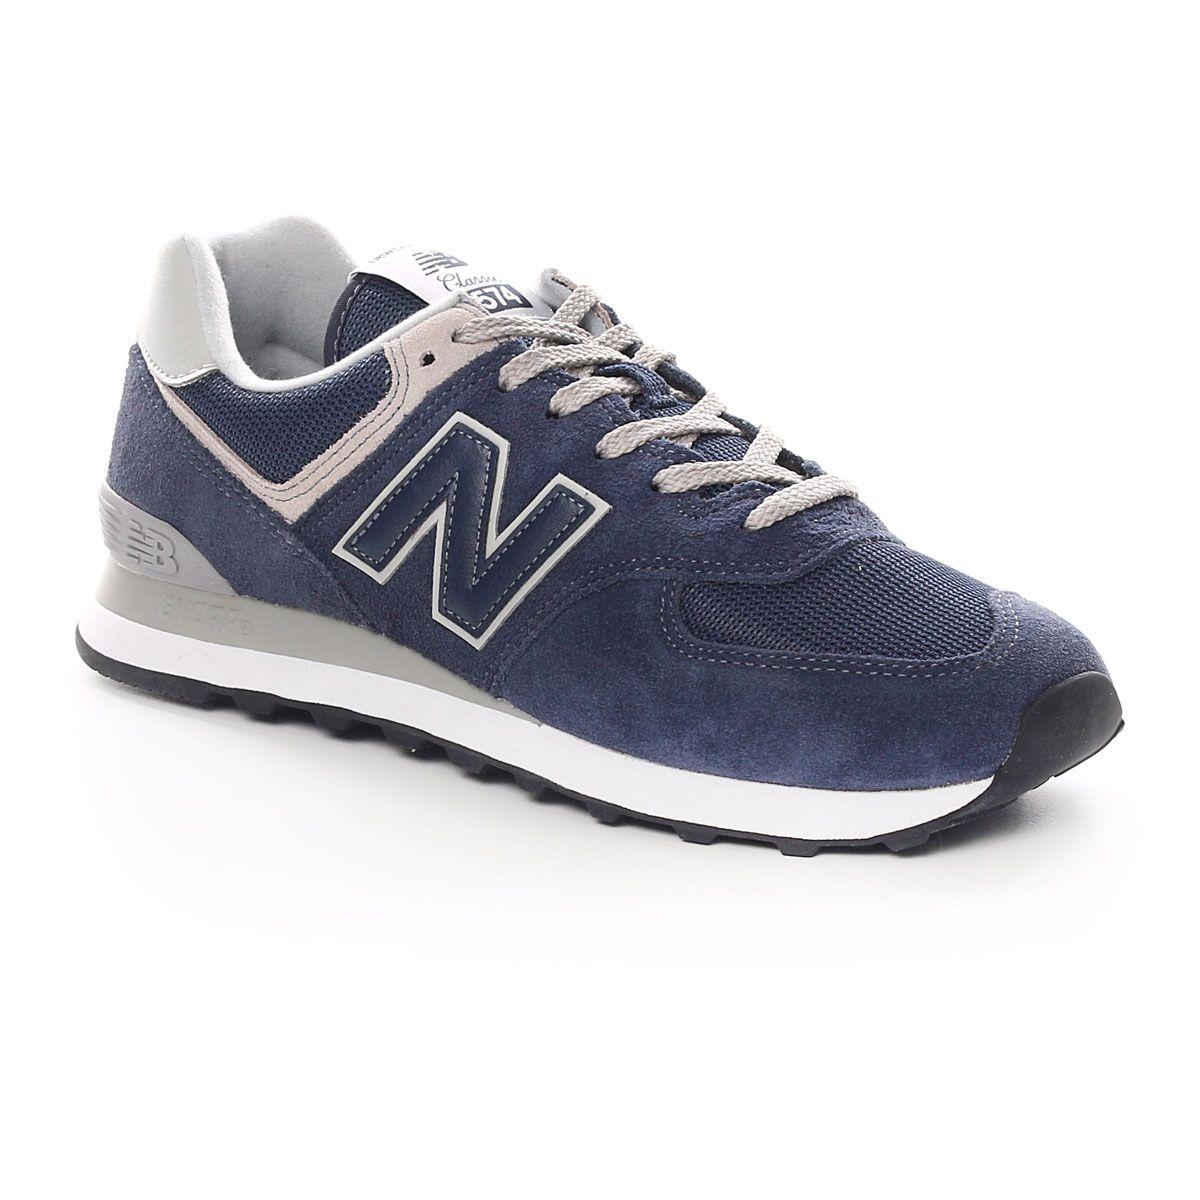 New Balance 574 Core Uomo Blu